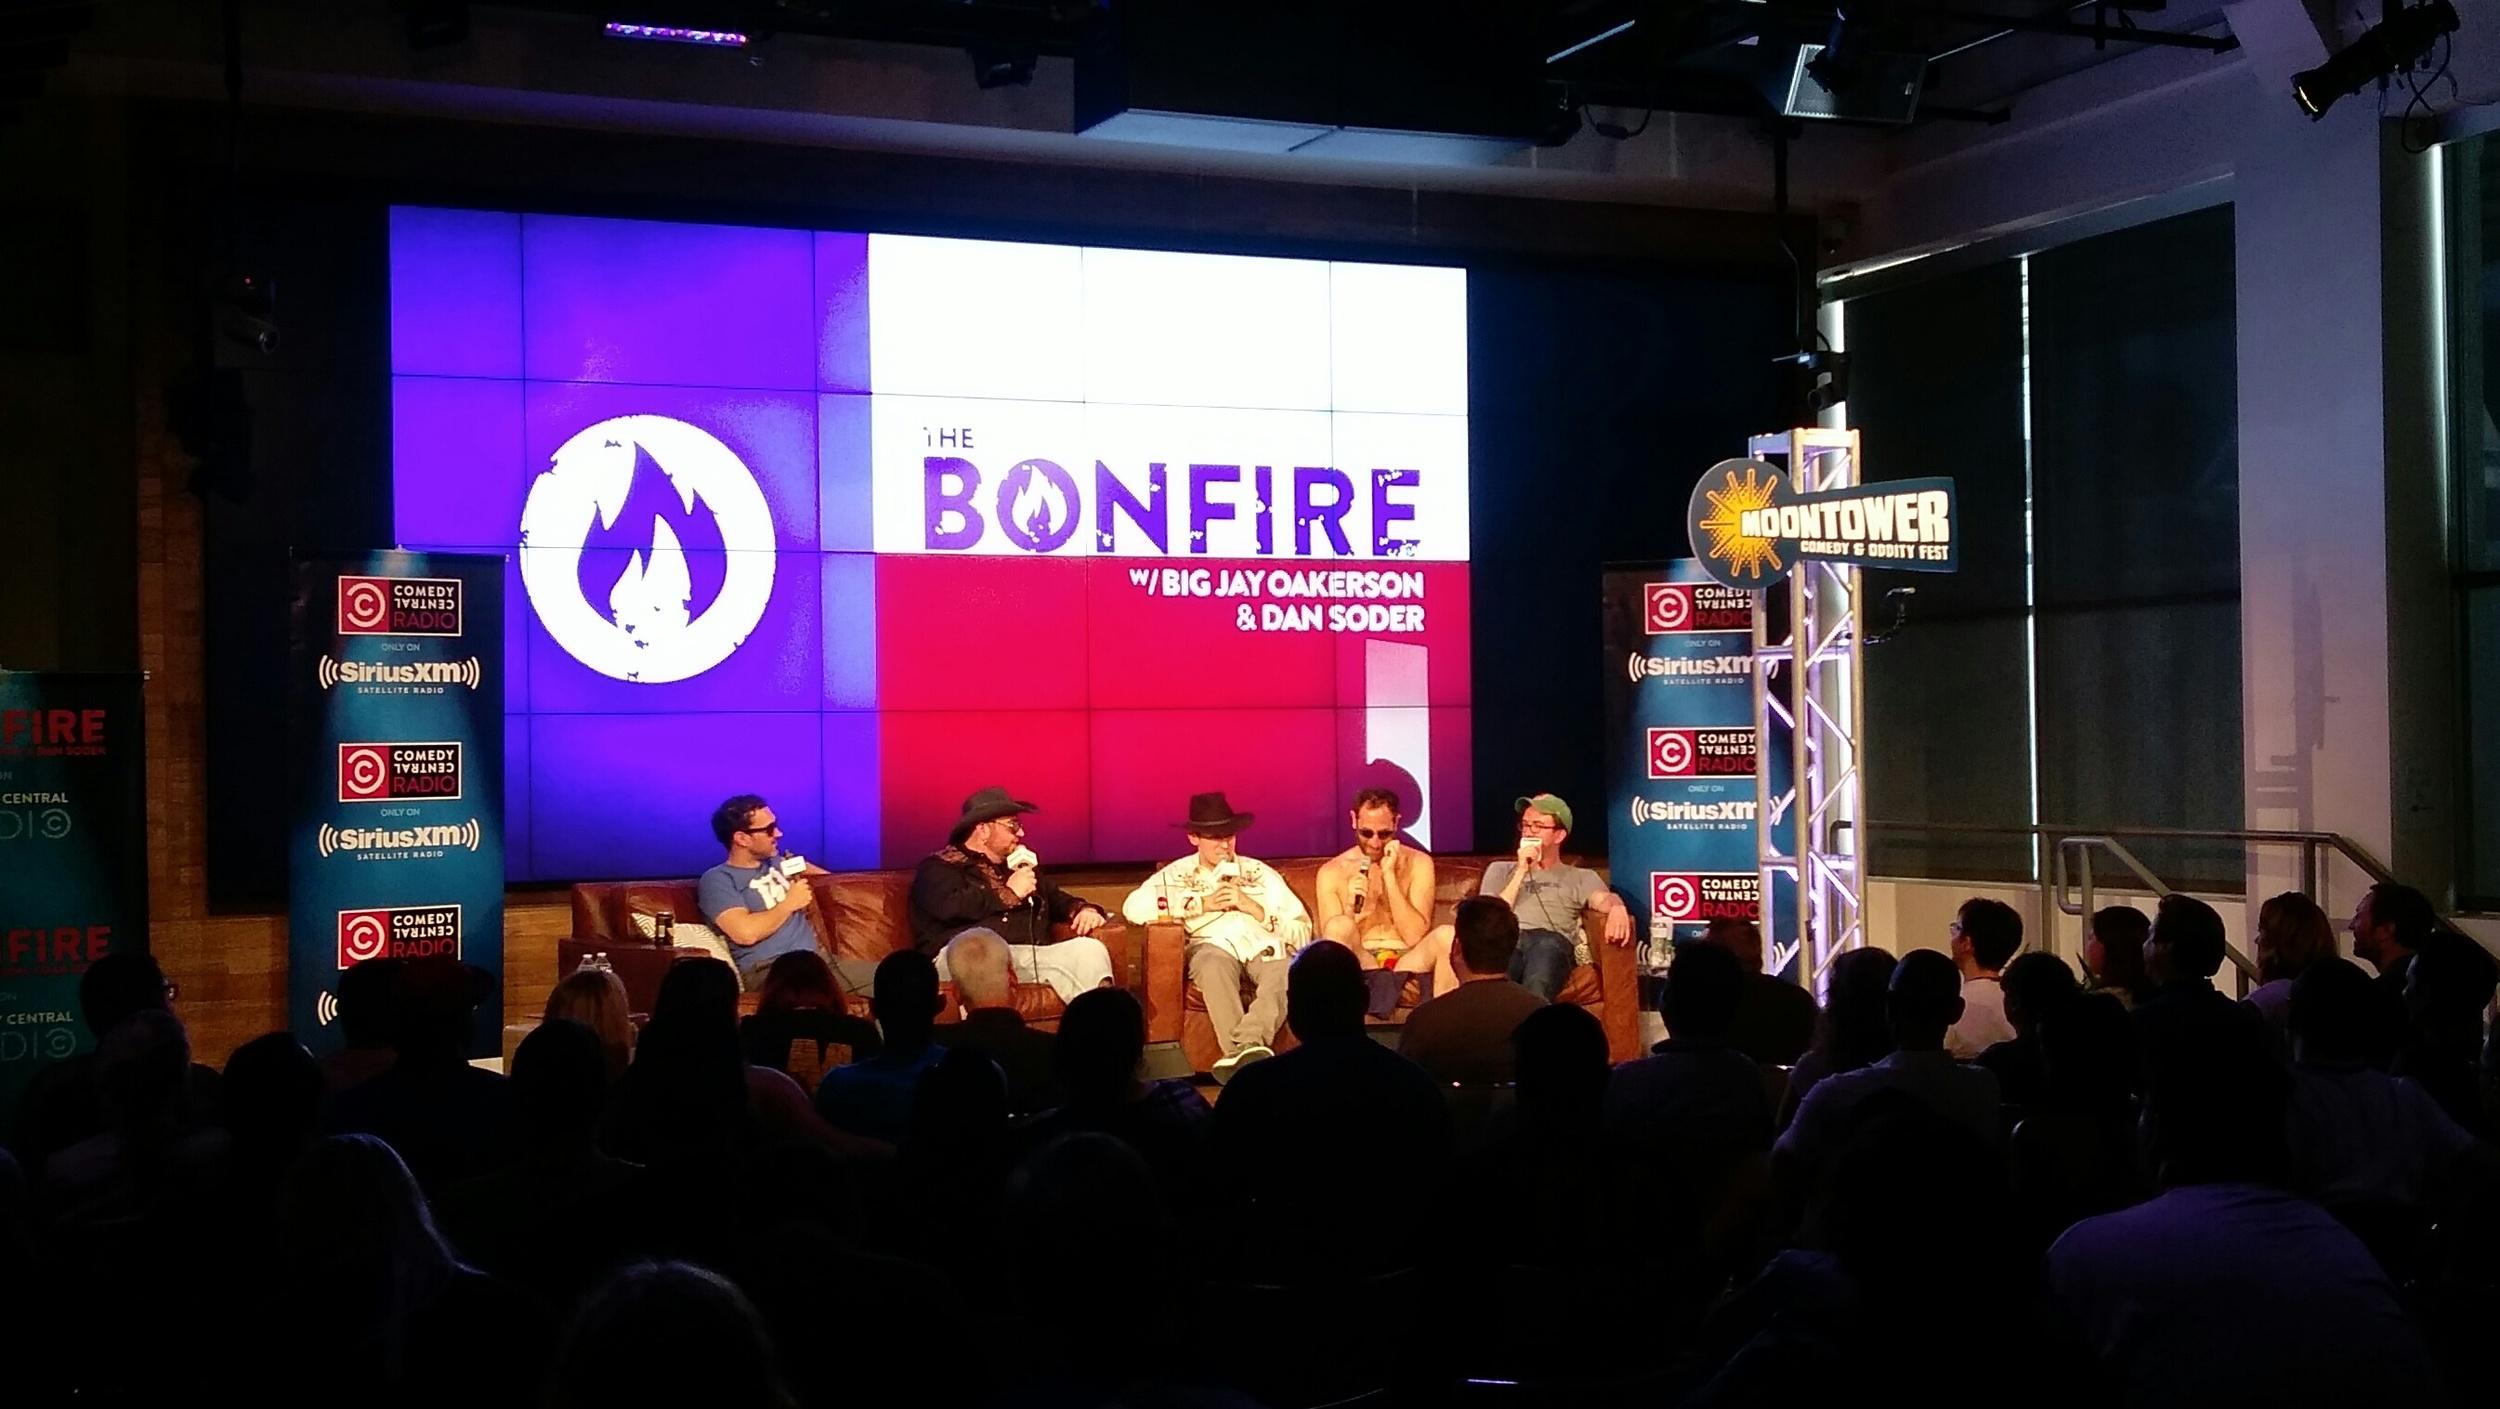 Sirius XM live taping of The Bonfire - Mark Normand, Jay Oakerson, Dan Soder, Ari Shaffir, Joe List